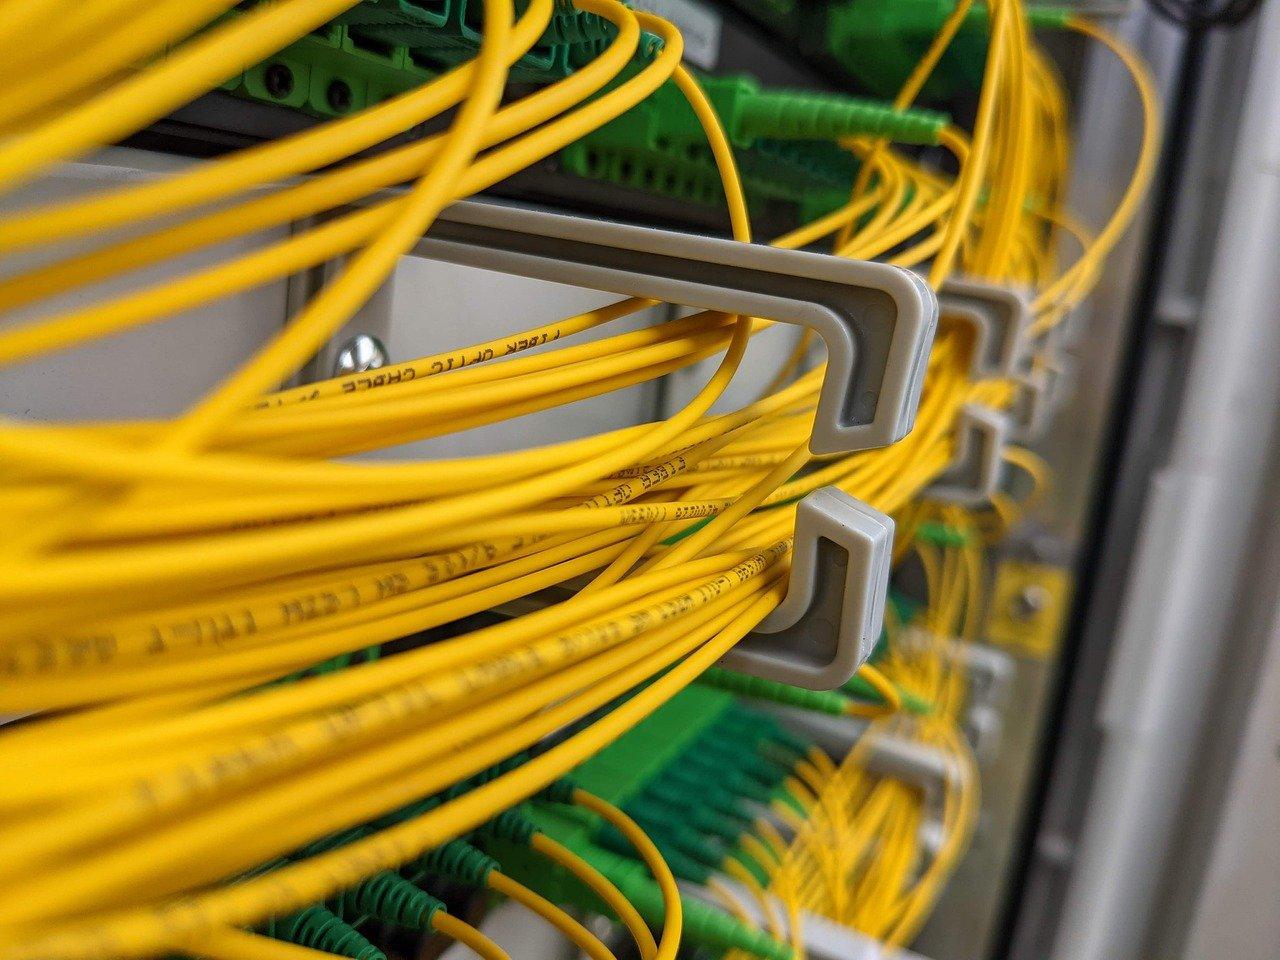 Comment faire un test internet d'éligibilité a la fibre optique sur votre débit réseau ?